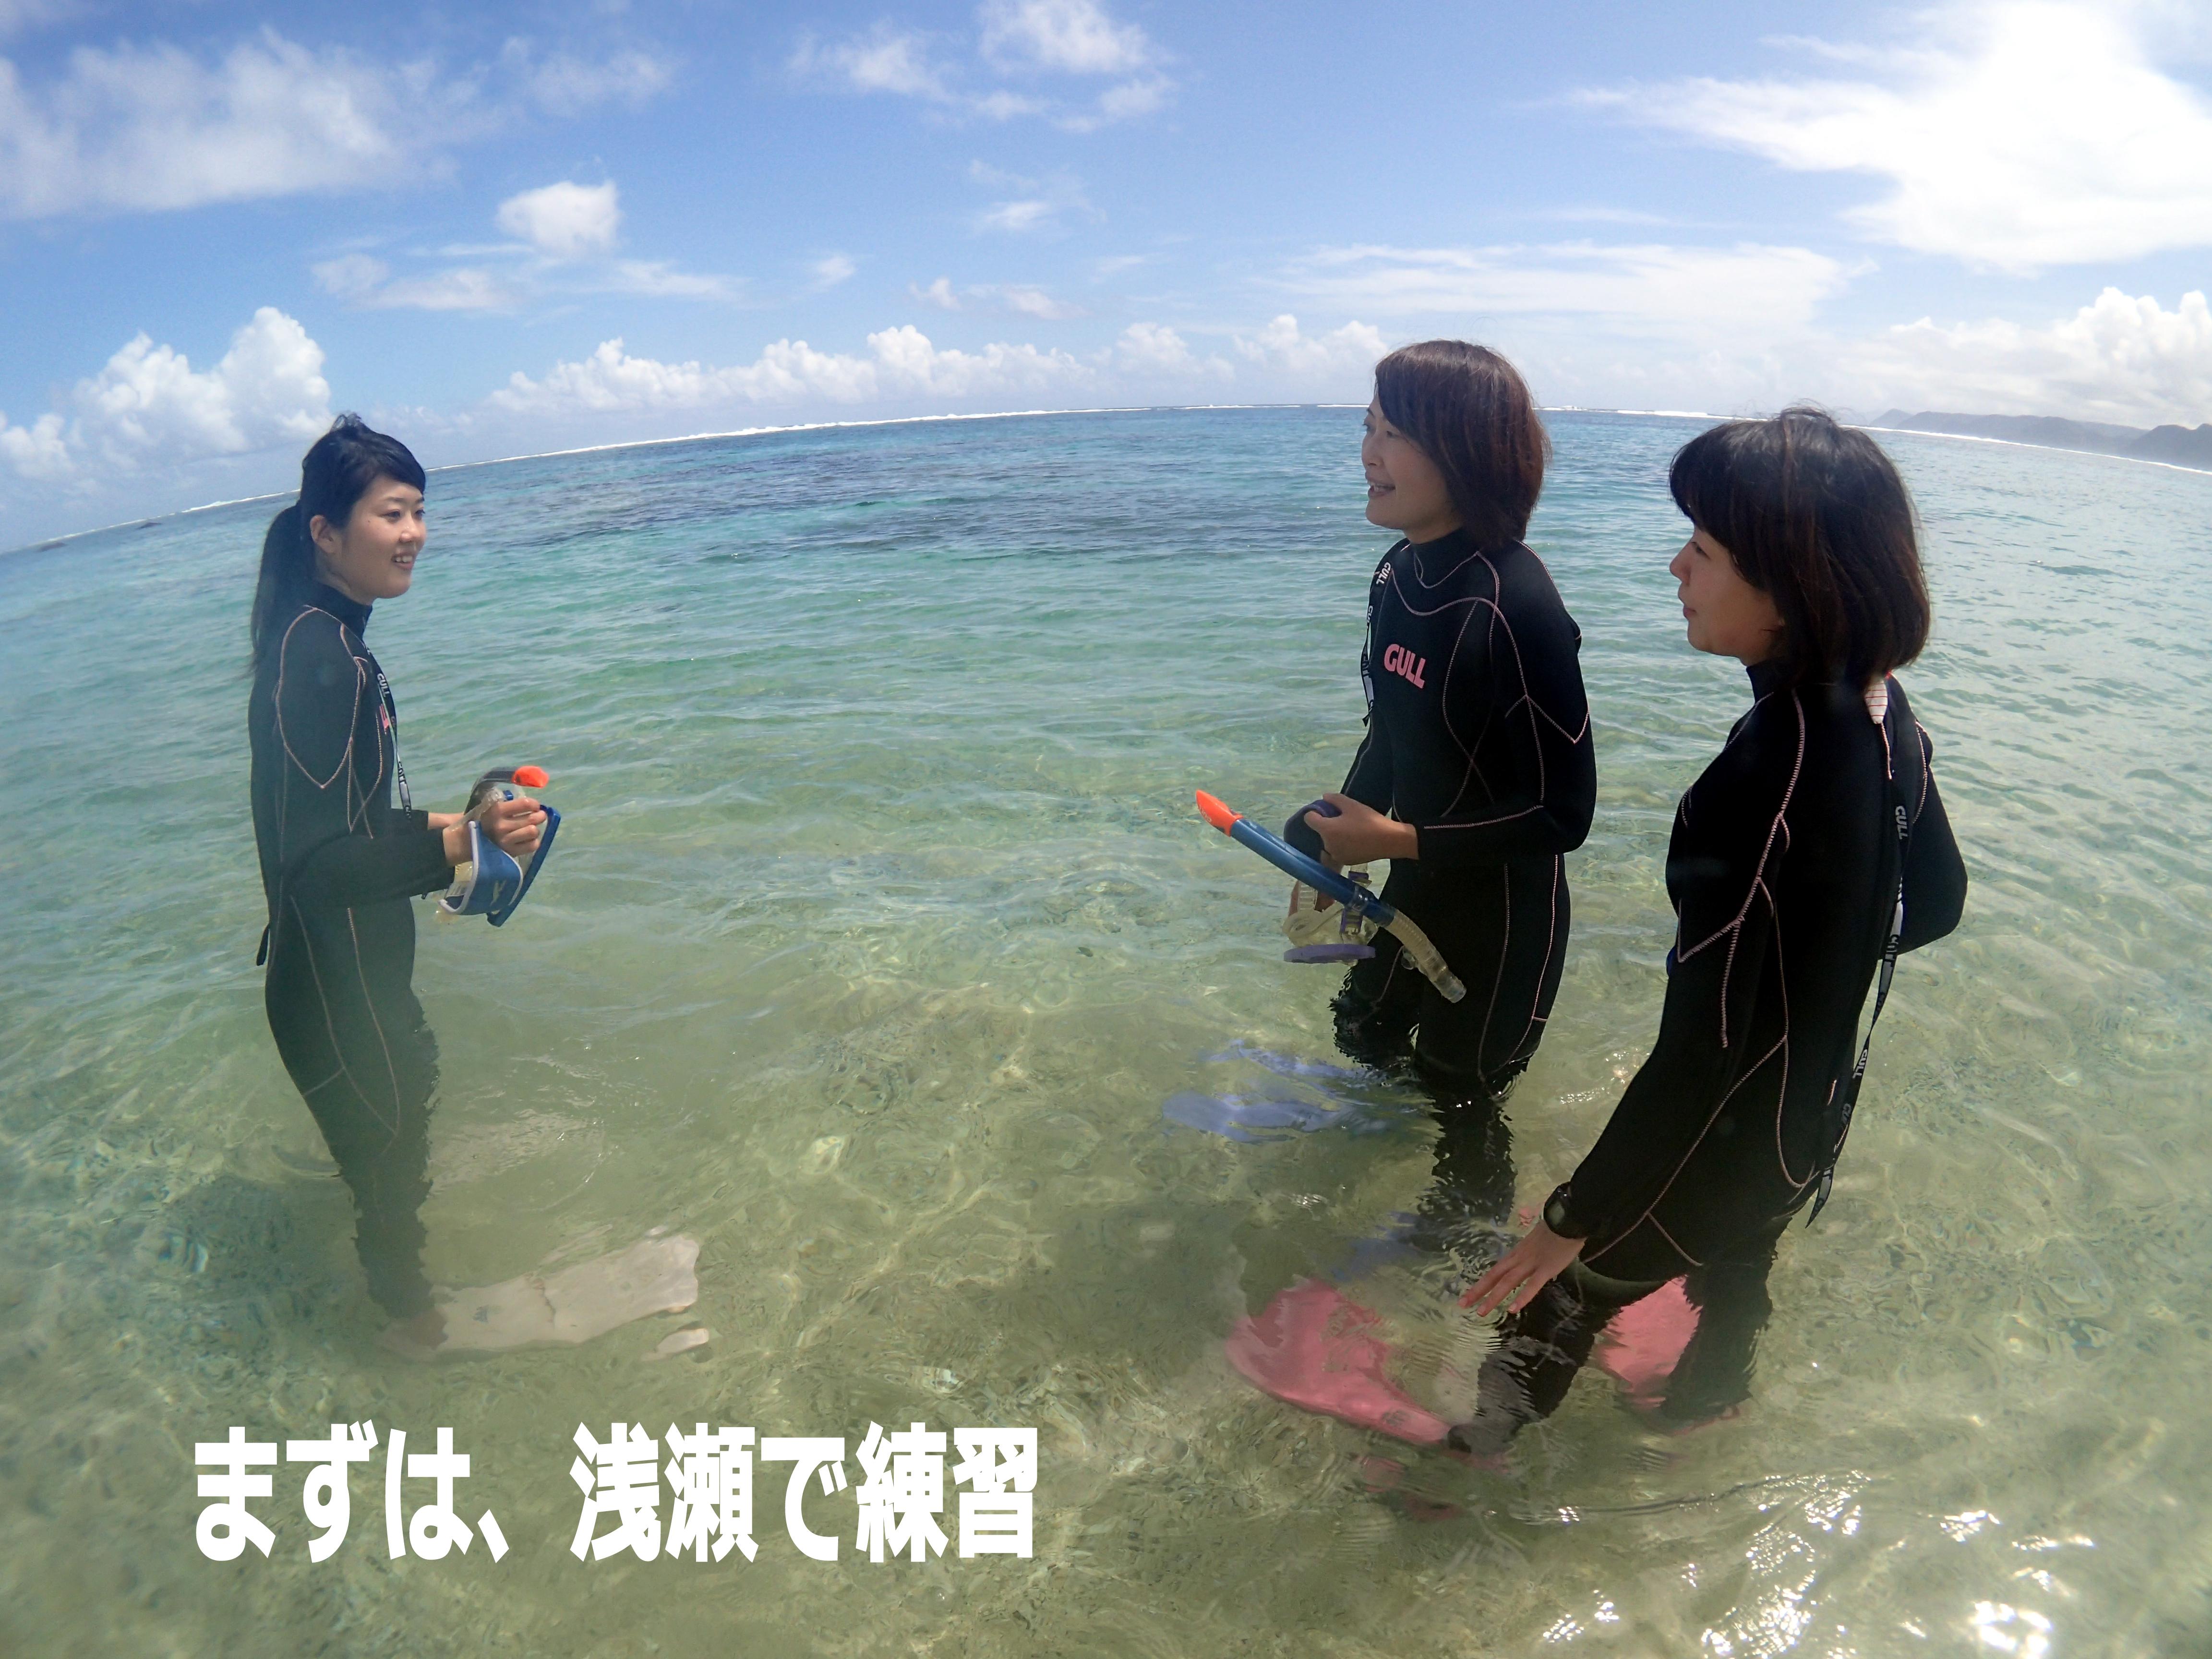 奄美大島ウミガメスイム 浅瀬で練習